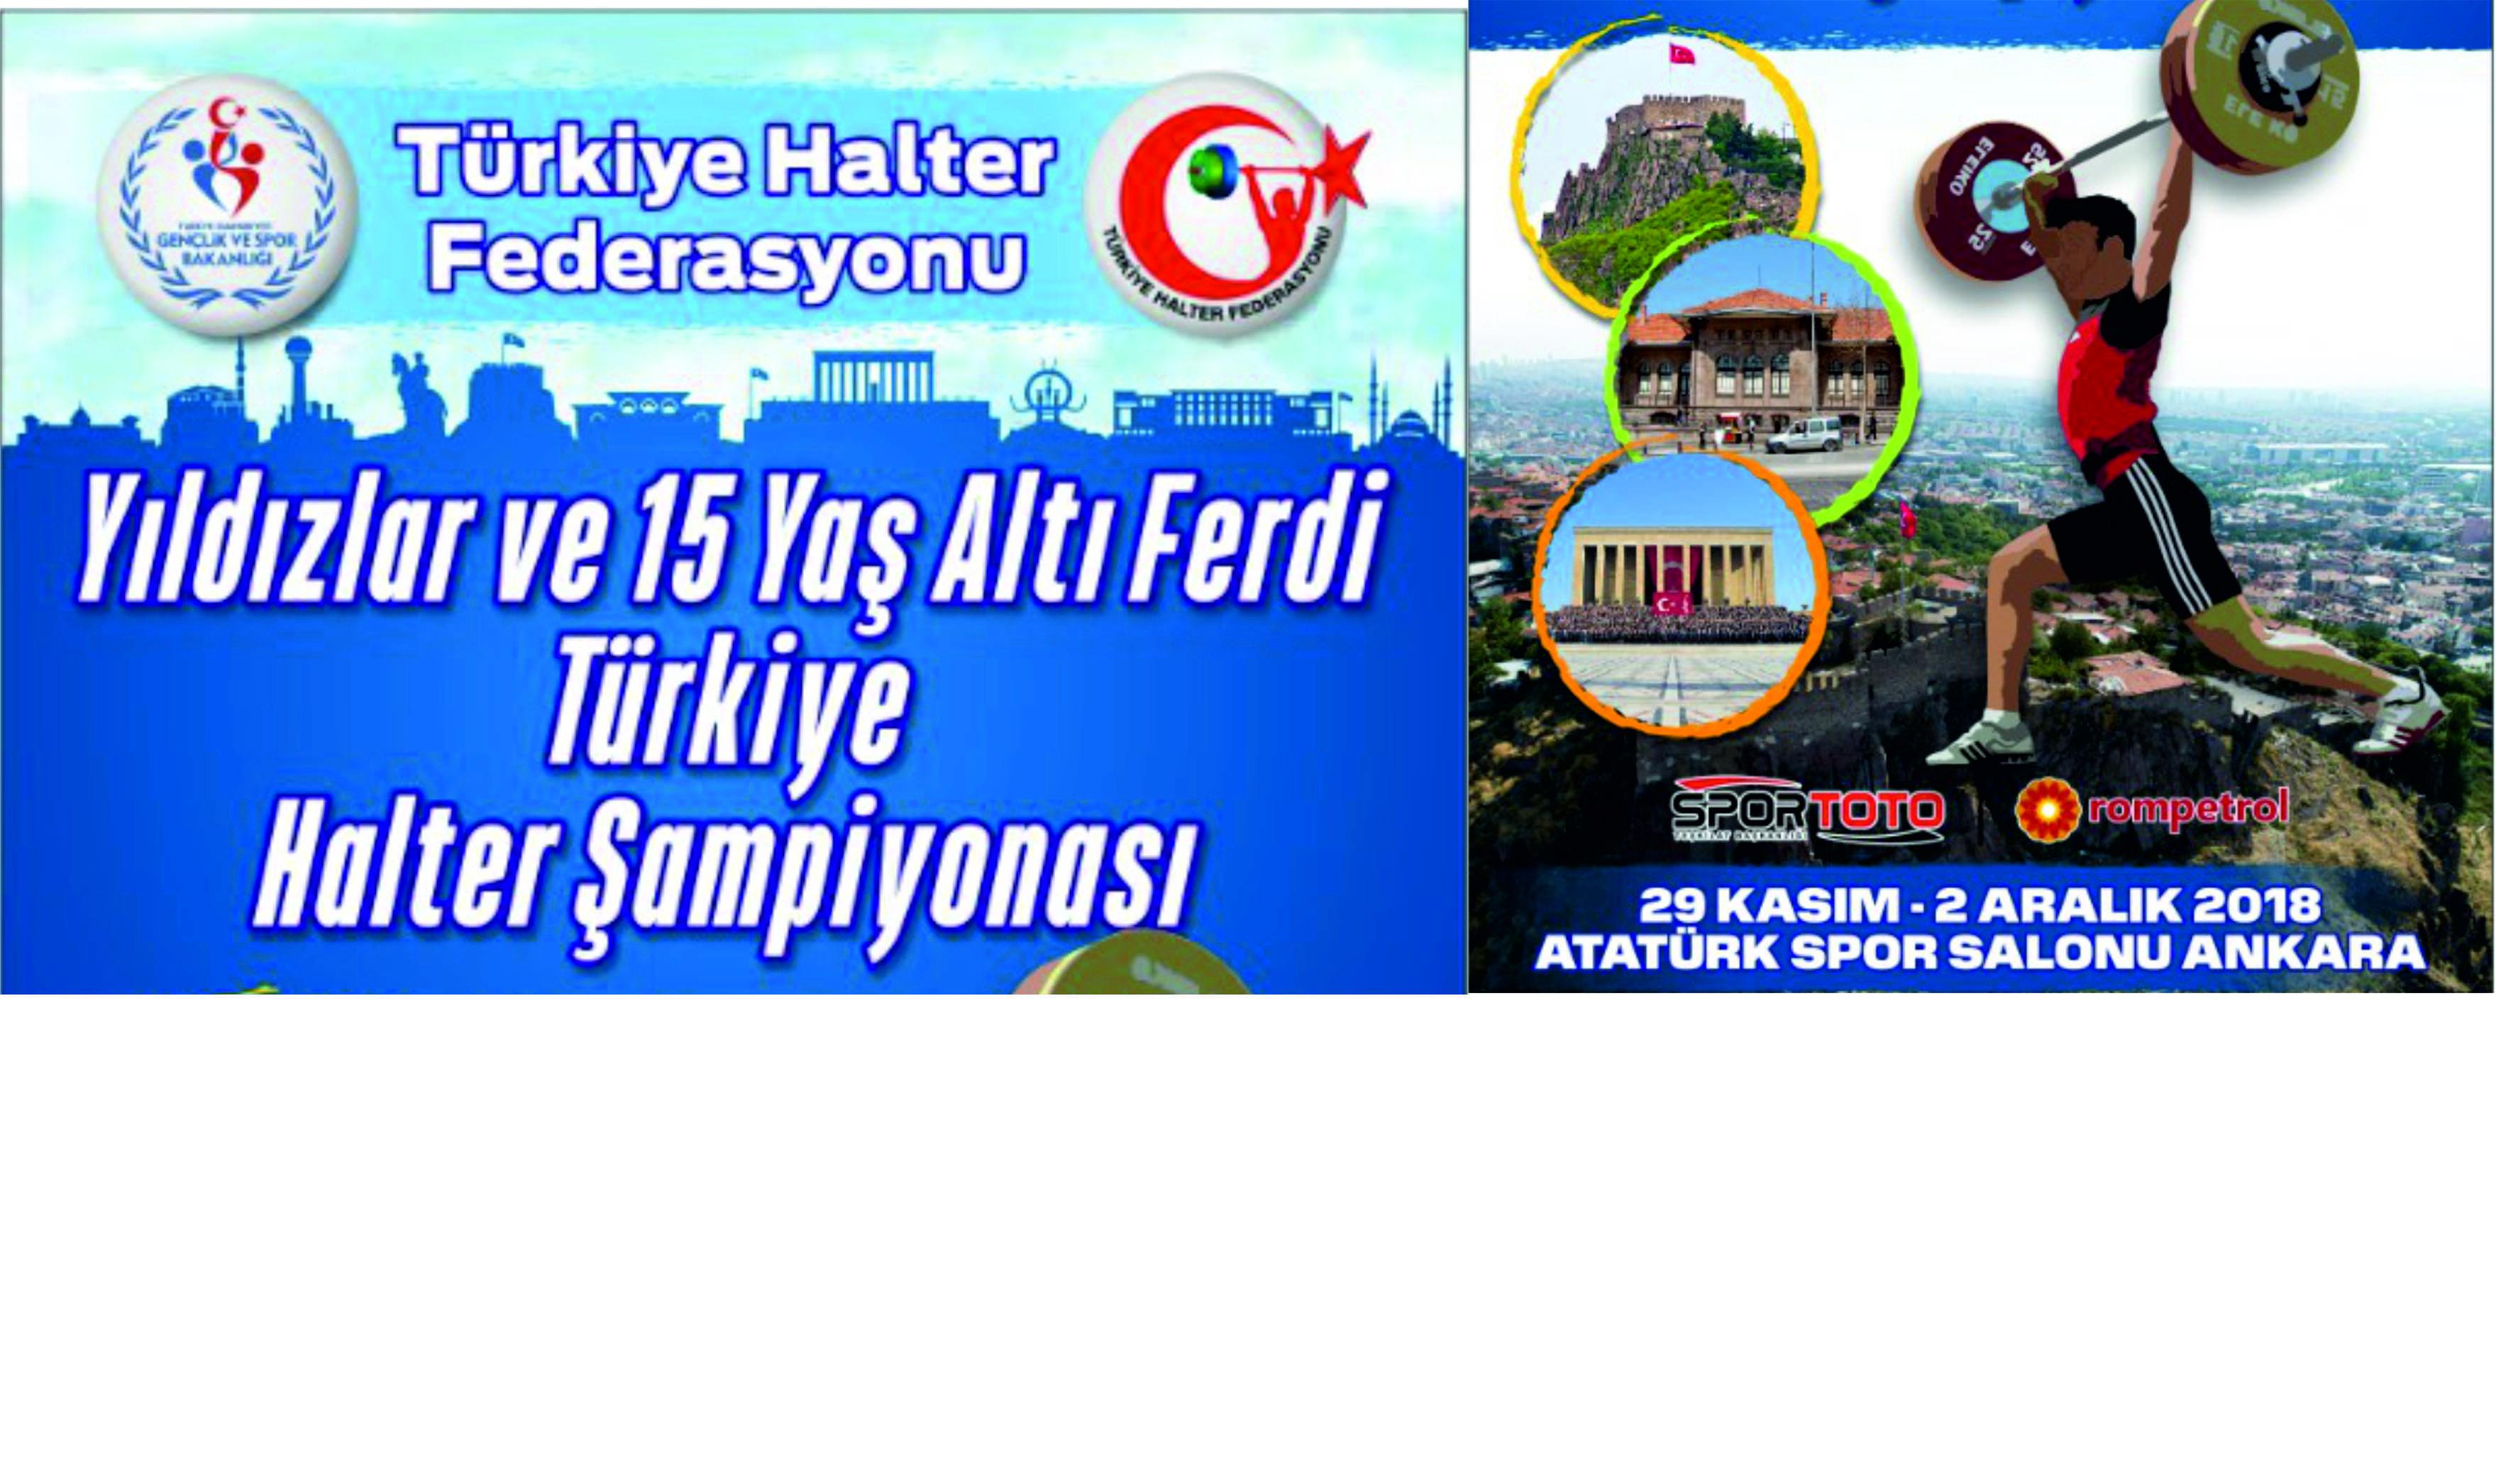 Yıldızlar ve 15 Yaş Altı Ferdi  Türkiye Halter Şampiyonası